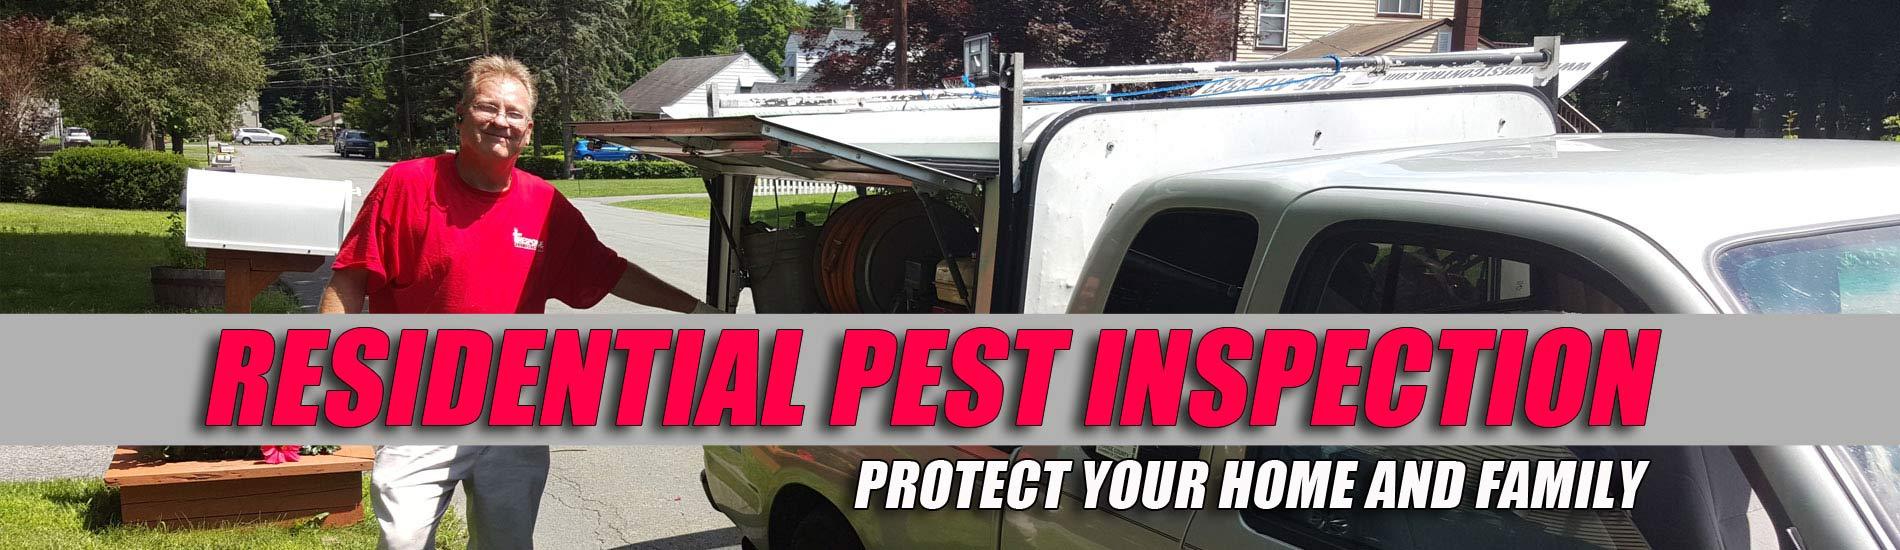 Residential Pest Inspection